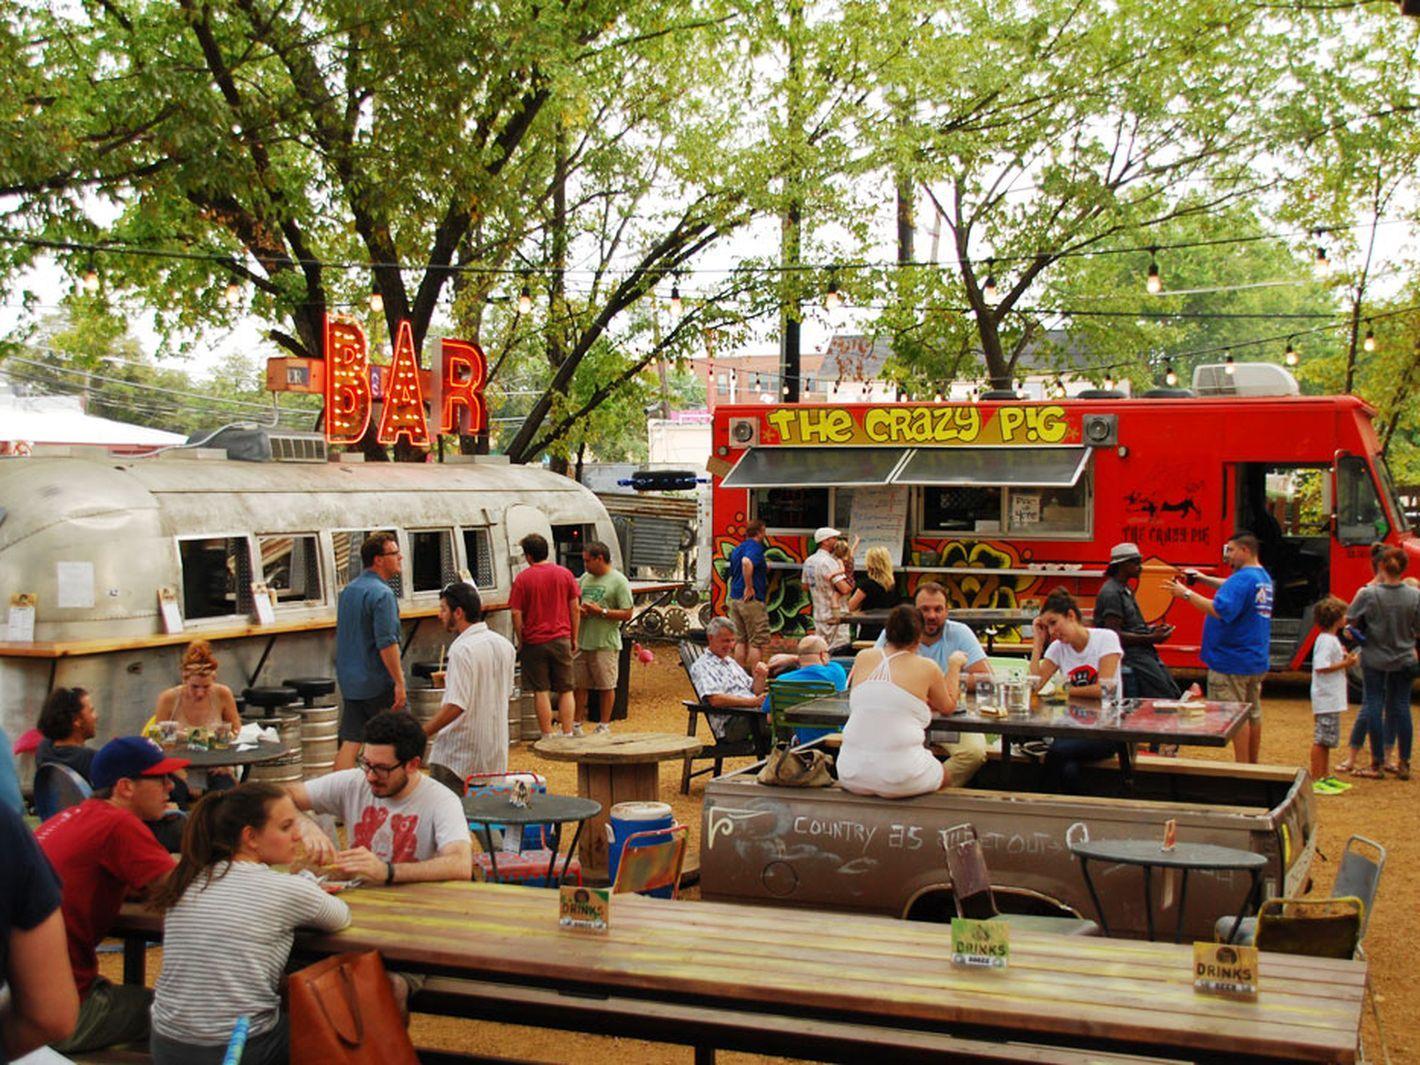 Dallas best kidfriendly restaurants dallas restaurants